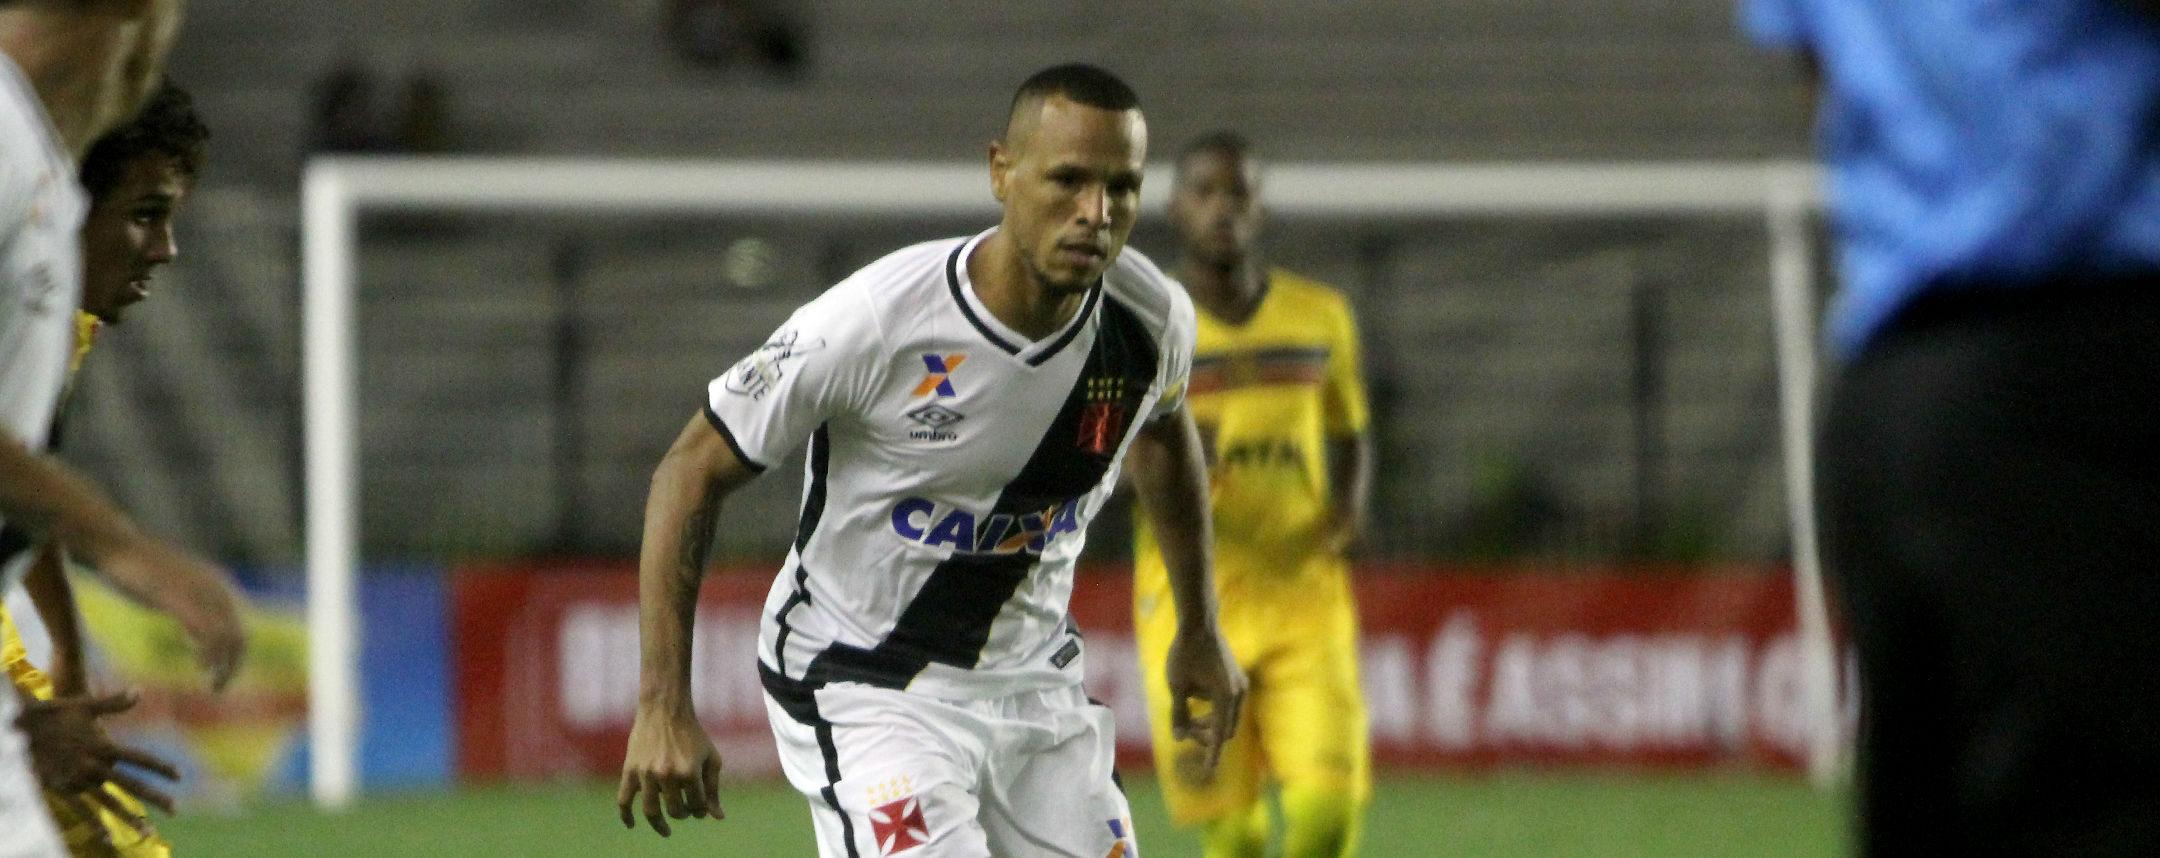 Luís Fabiano liberado para final da Taça Rio